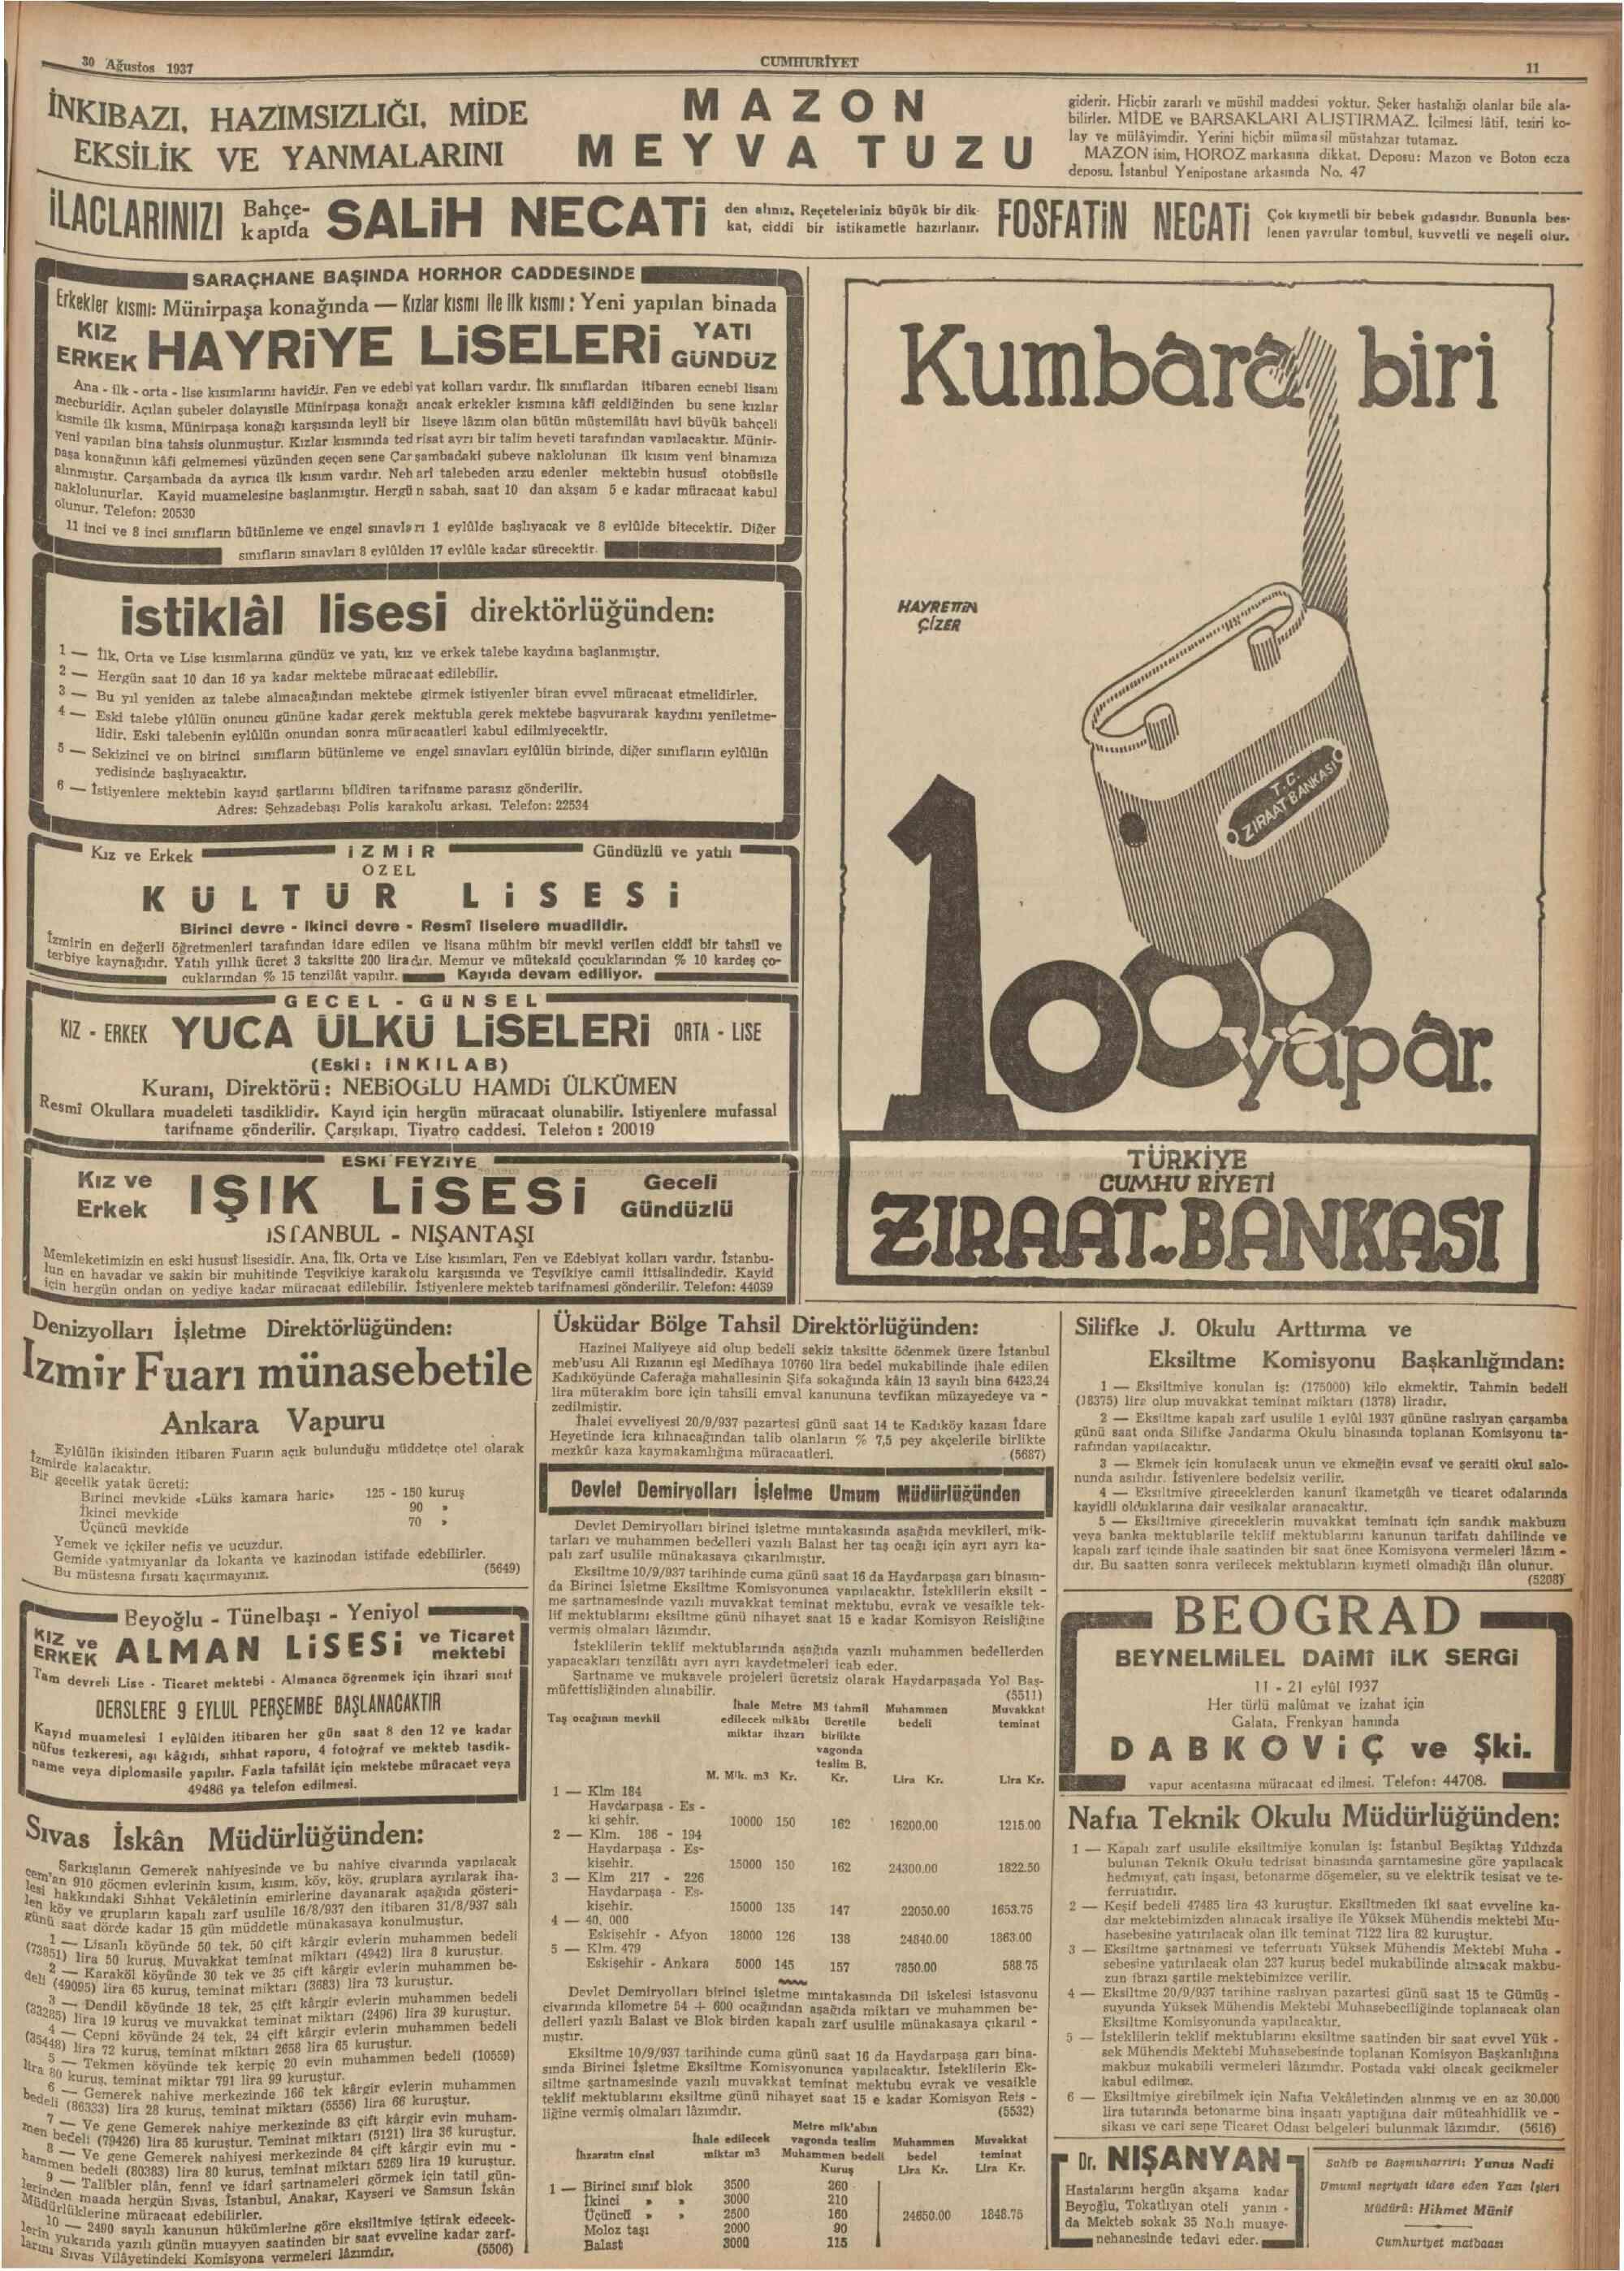 30 Ağustos 1937 Tarihli Cumhuriyet Dergisi Sayfa 11